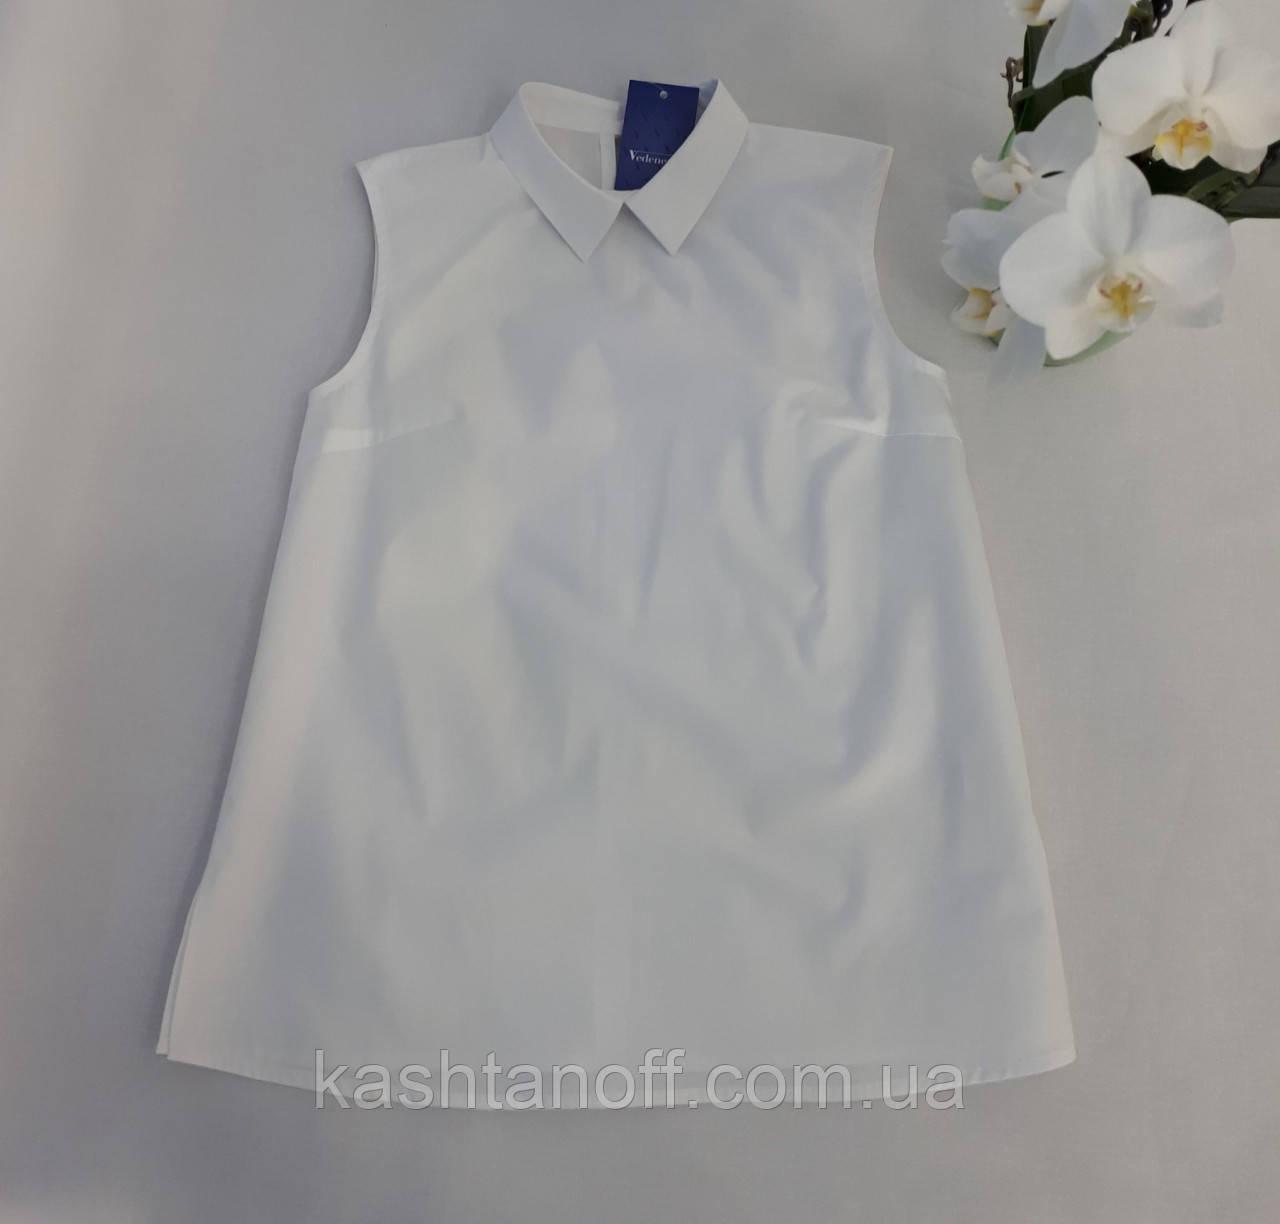 Блуза-безрукавка, белая